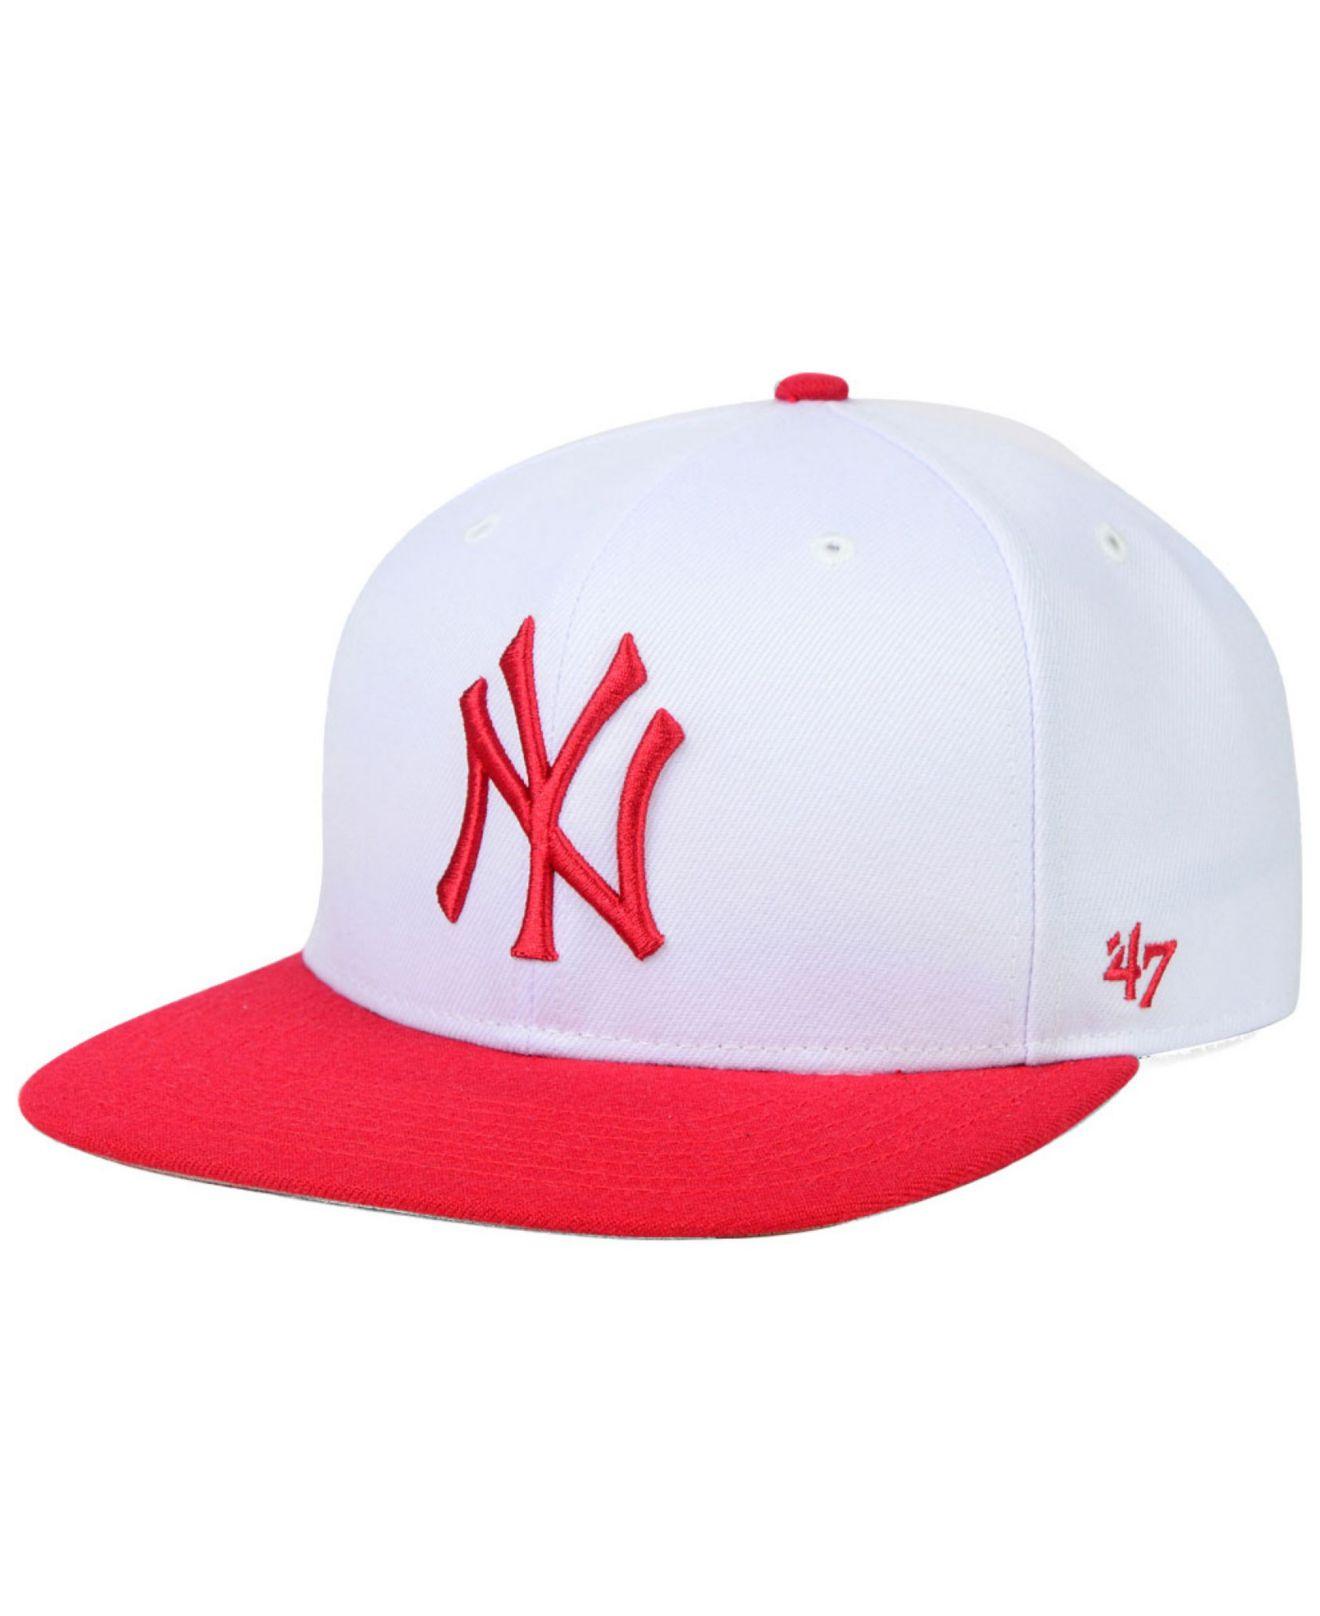 Lyst - 47 Brand New York Yankees Sure Shot Snapback Cap in White for Men 63b8845e6d6